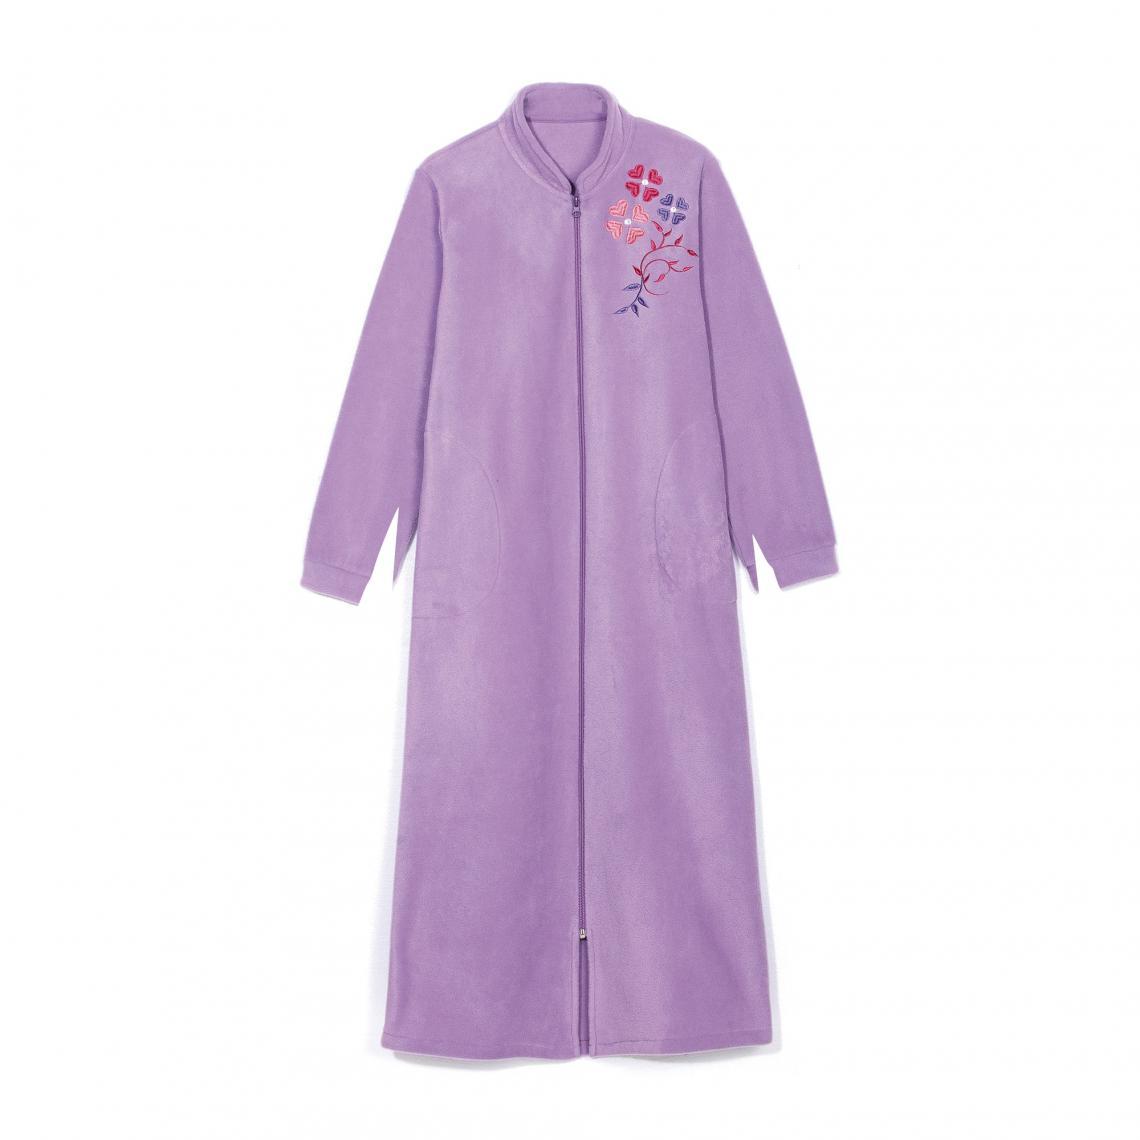 Robe De Chambre Polaire Zippée Avec Broderie Femme Lilas